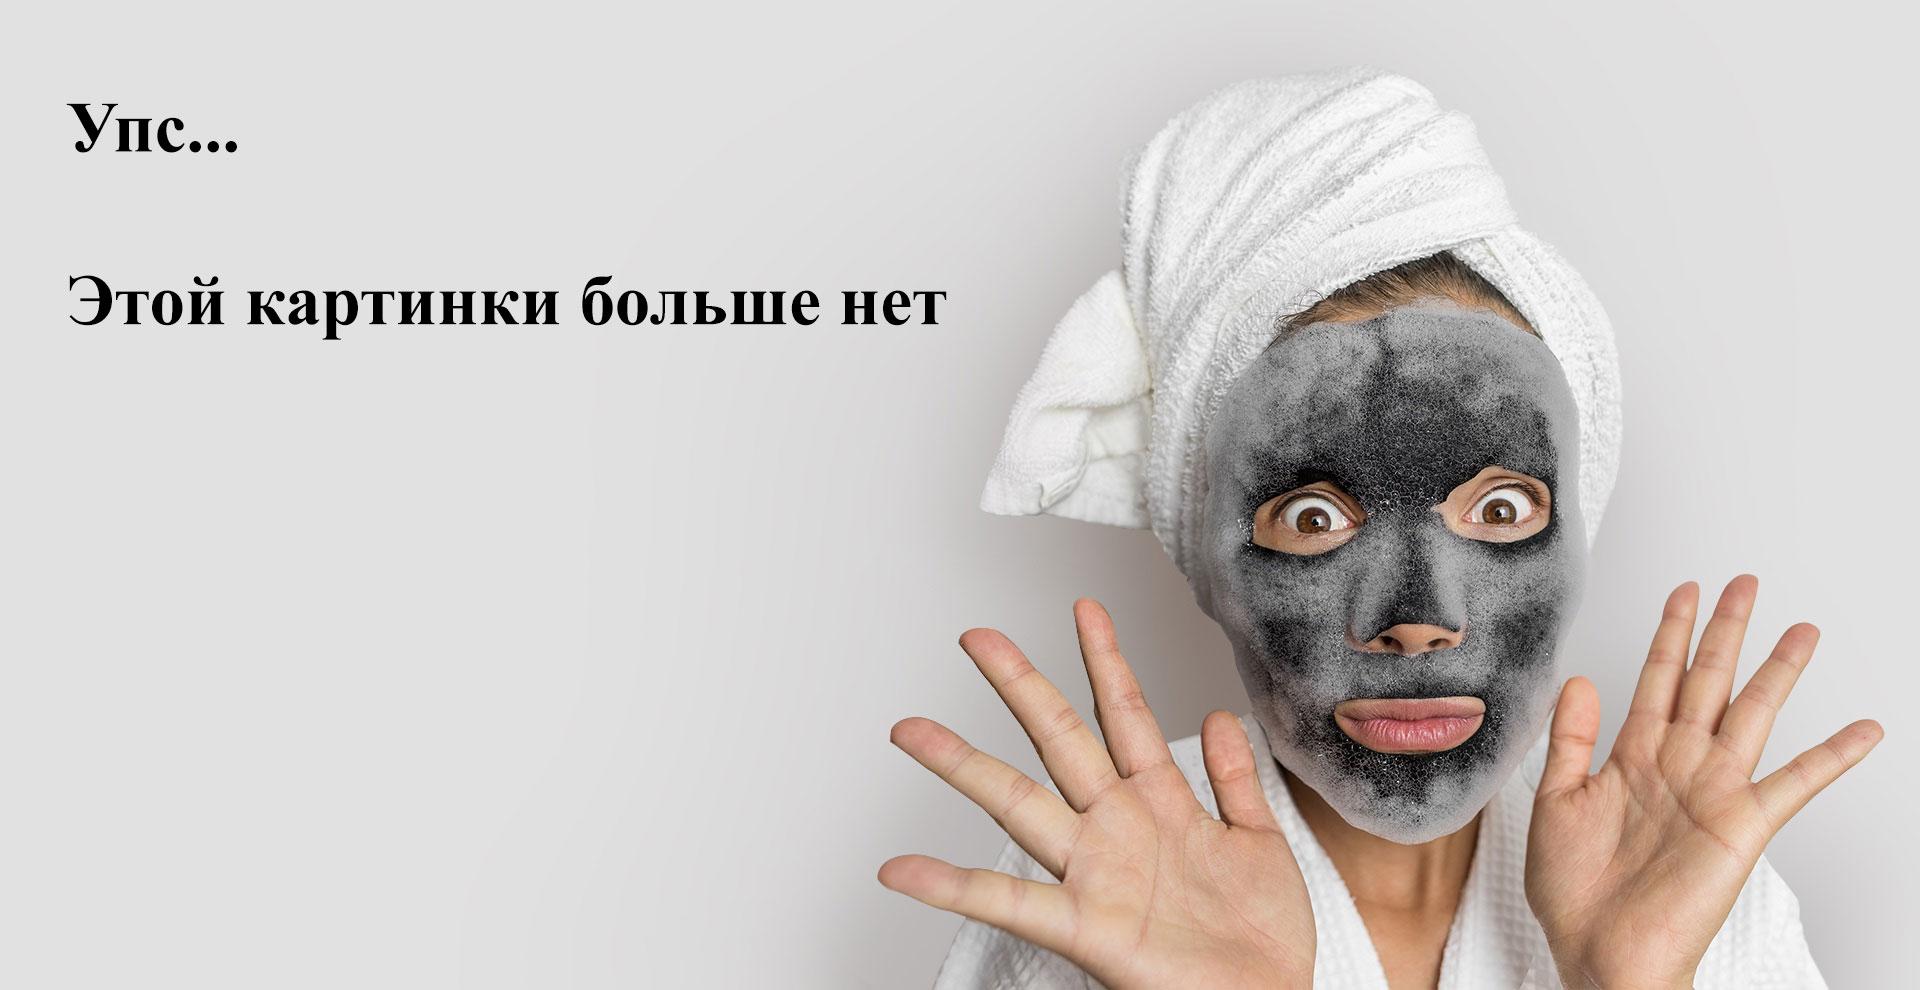 Vichy, Лосьон для снятия макияжа Purete Thermale, 150 мл